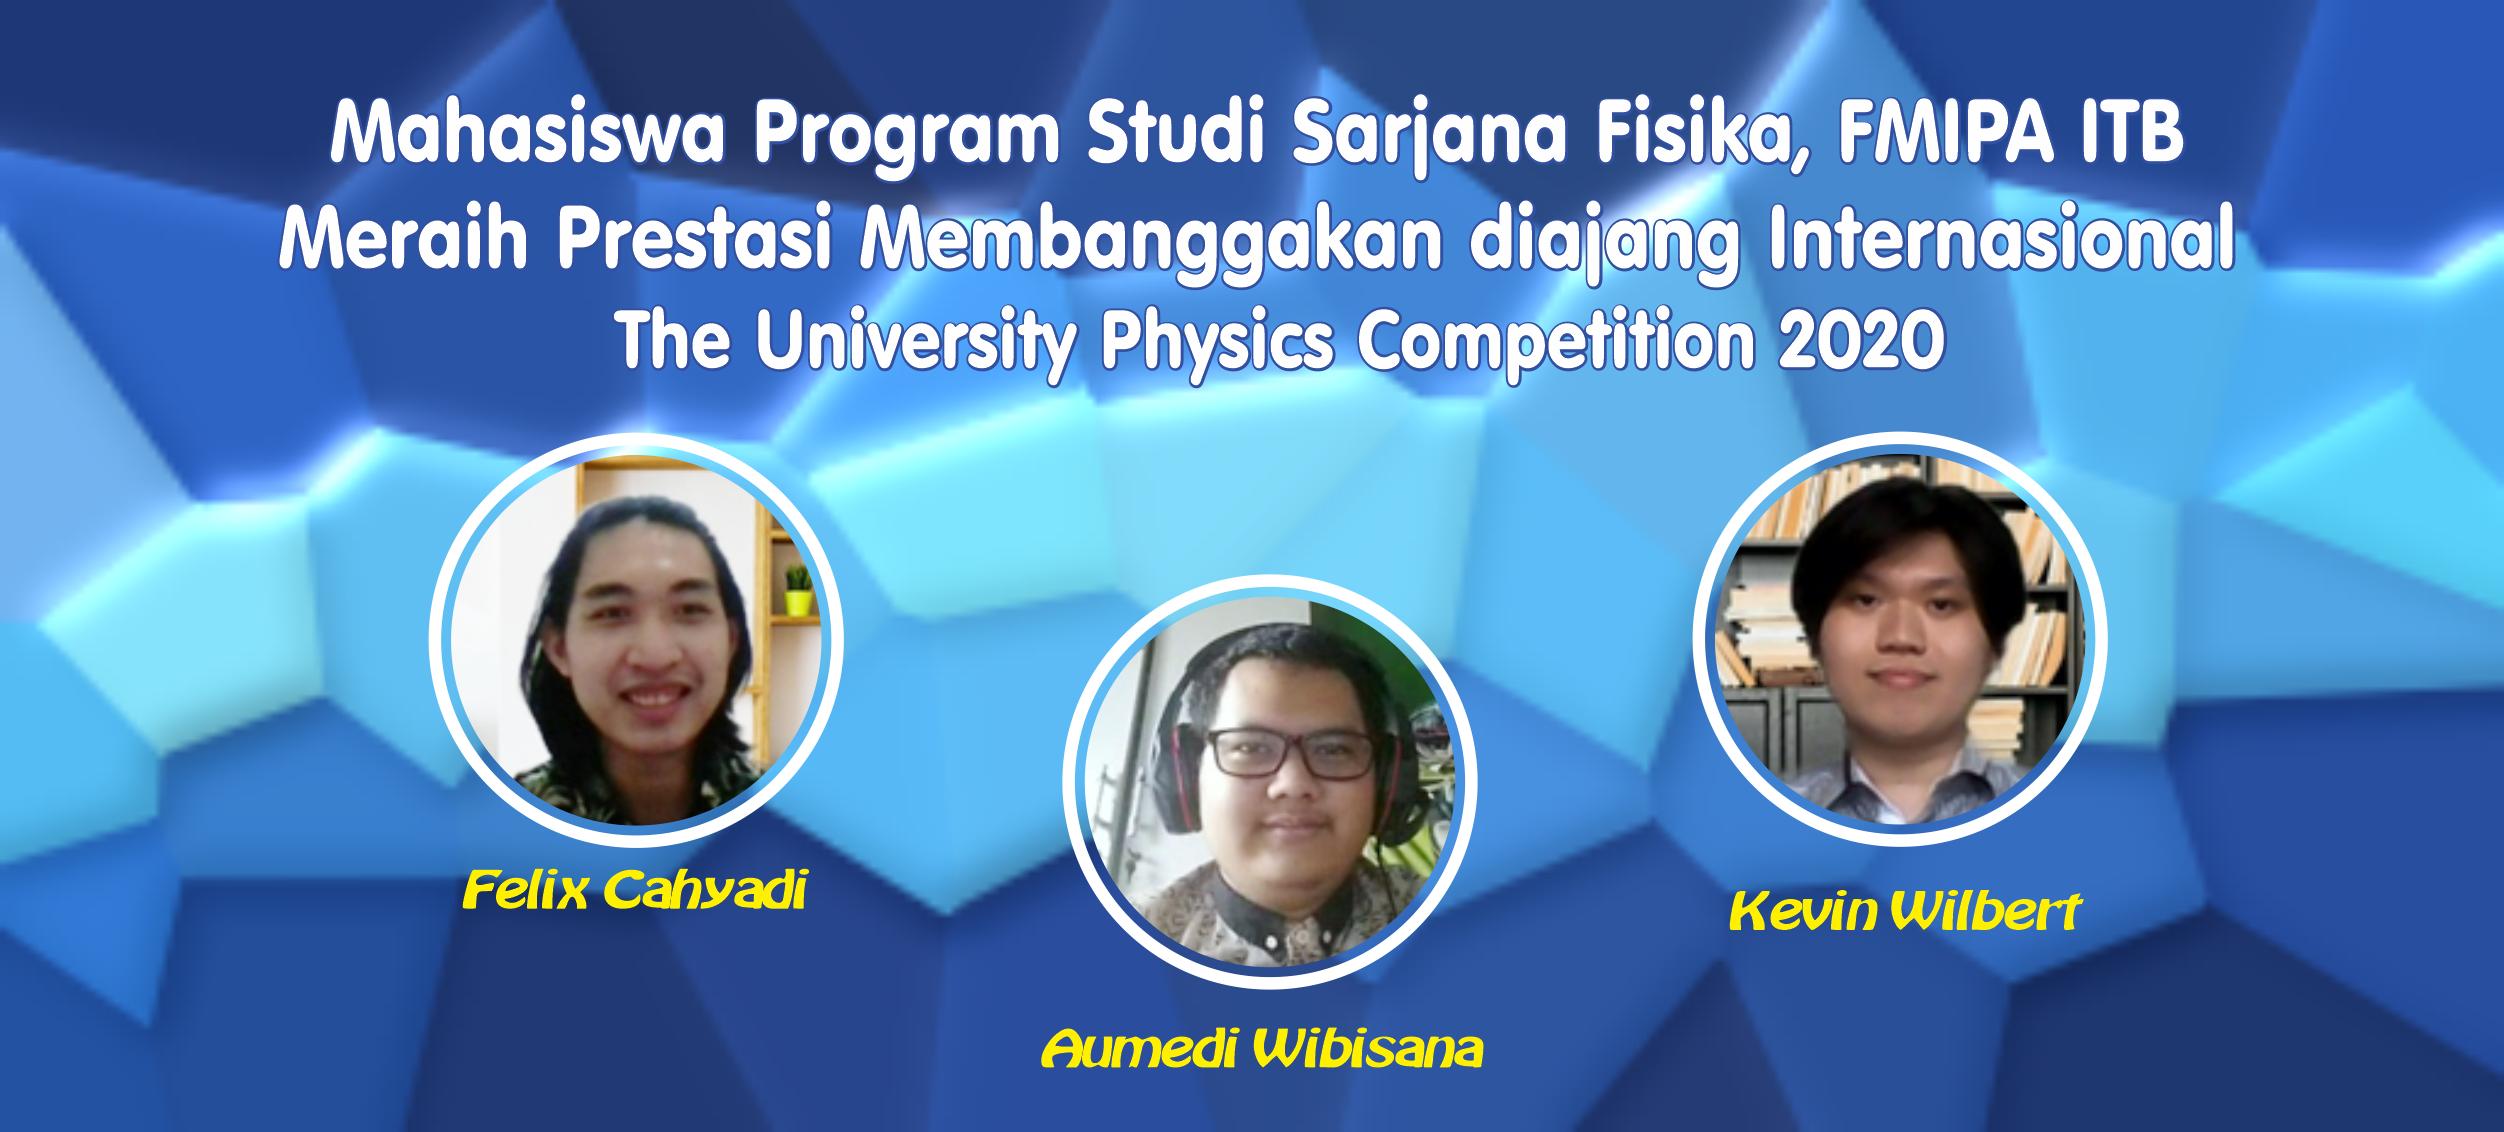 Mahasiswa Program Studi Sarjana Fisika, FMIPA ITB Meraih Prestasi Internasional dalam ajang The University Physics Competition 2020